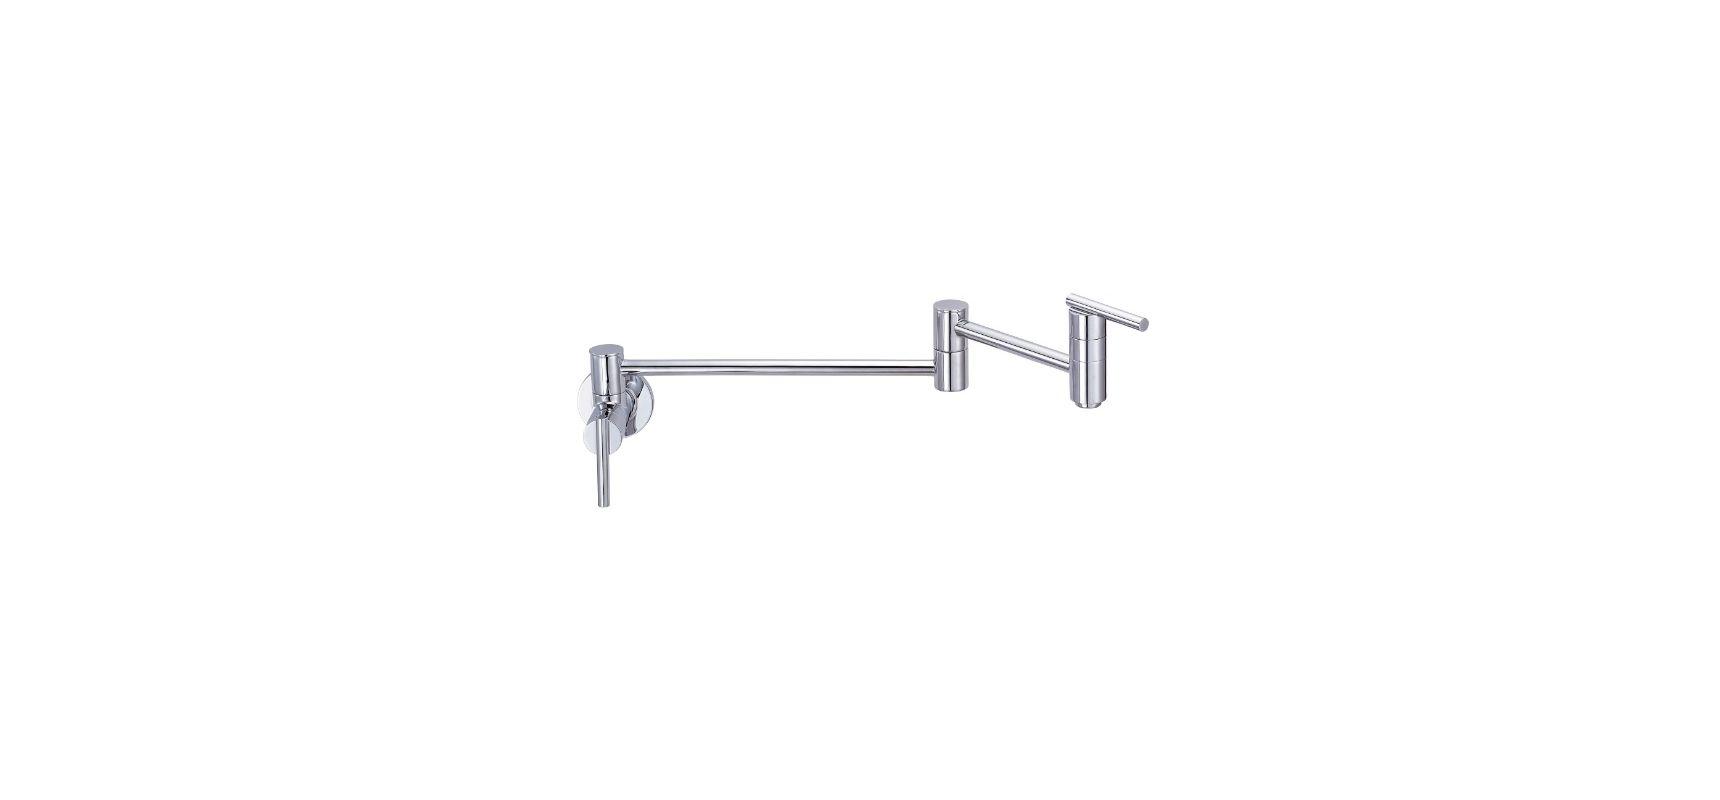 Danze Parma Kitchen Faucet Faucet Com D205058 In Chrome By Danze